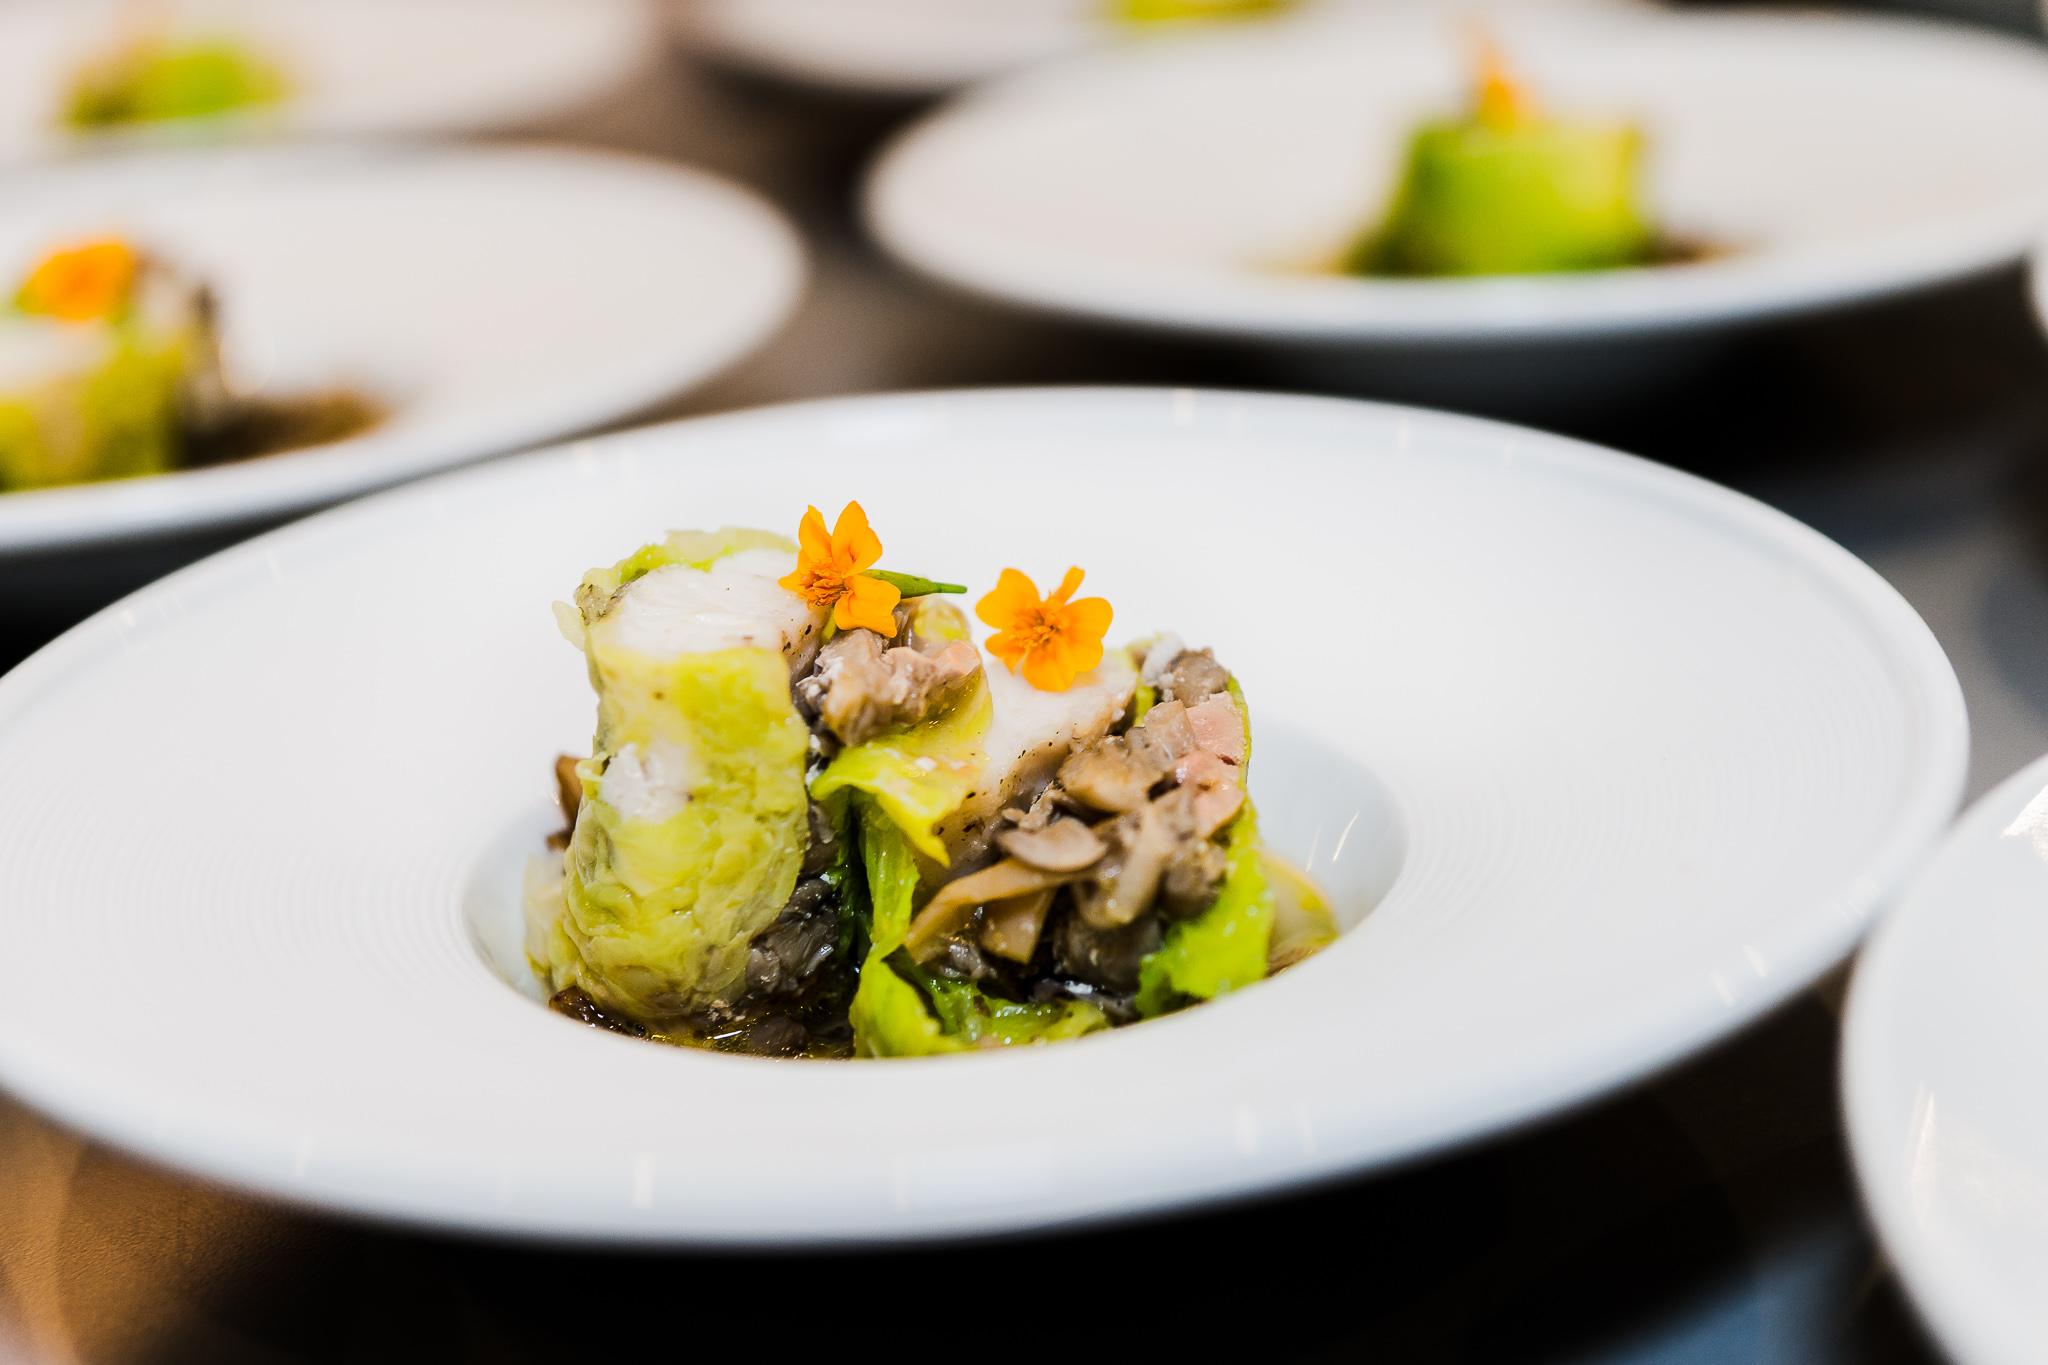 Filet de St Pierre au foie gras et pleurotes, bouillon de volaille au saumon fumé et champignons enoki